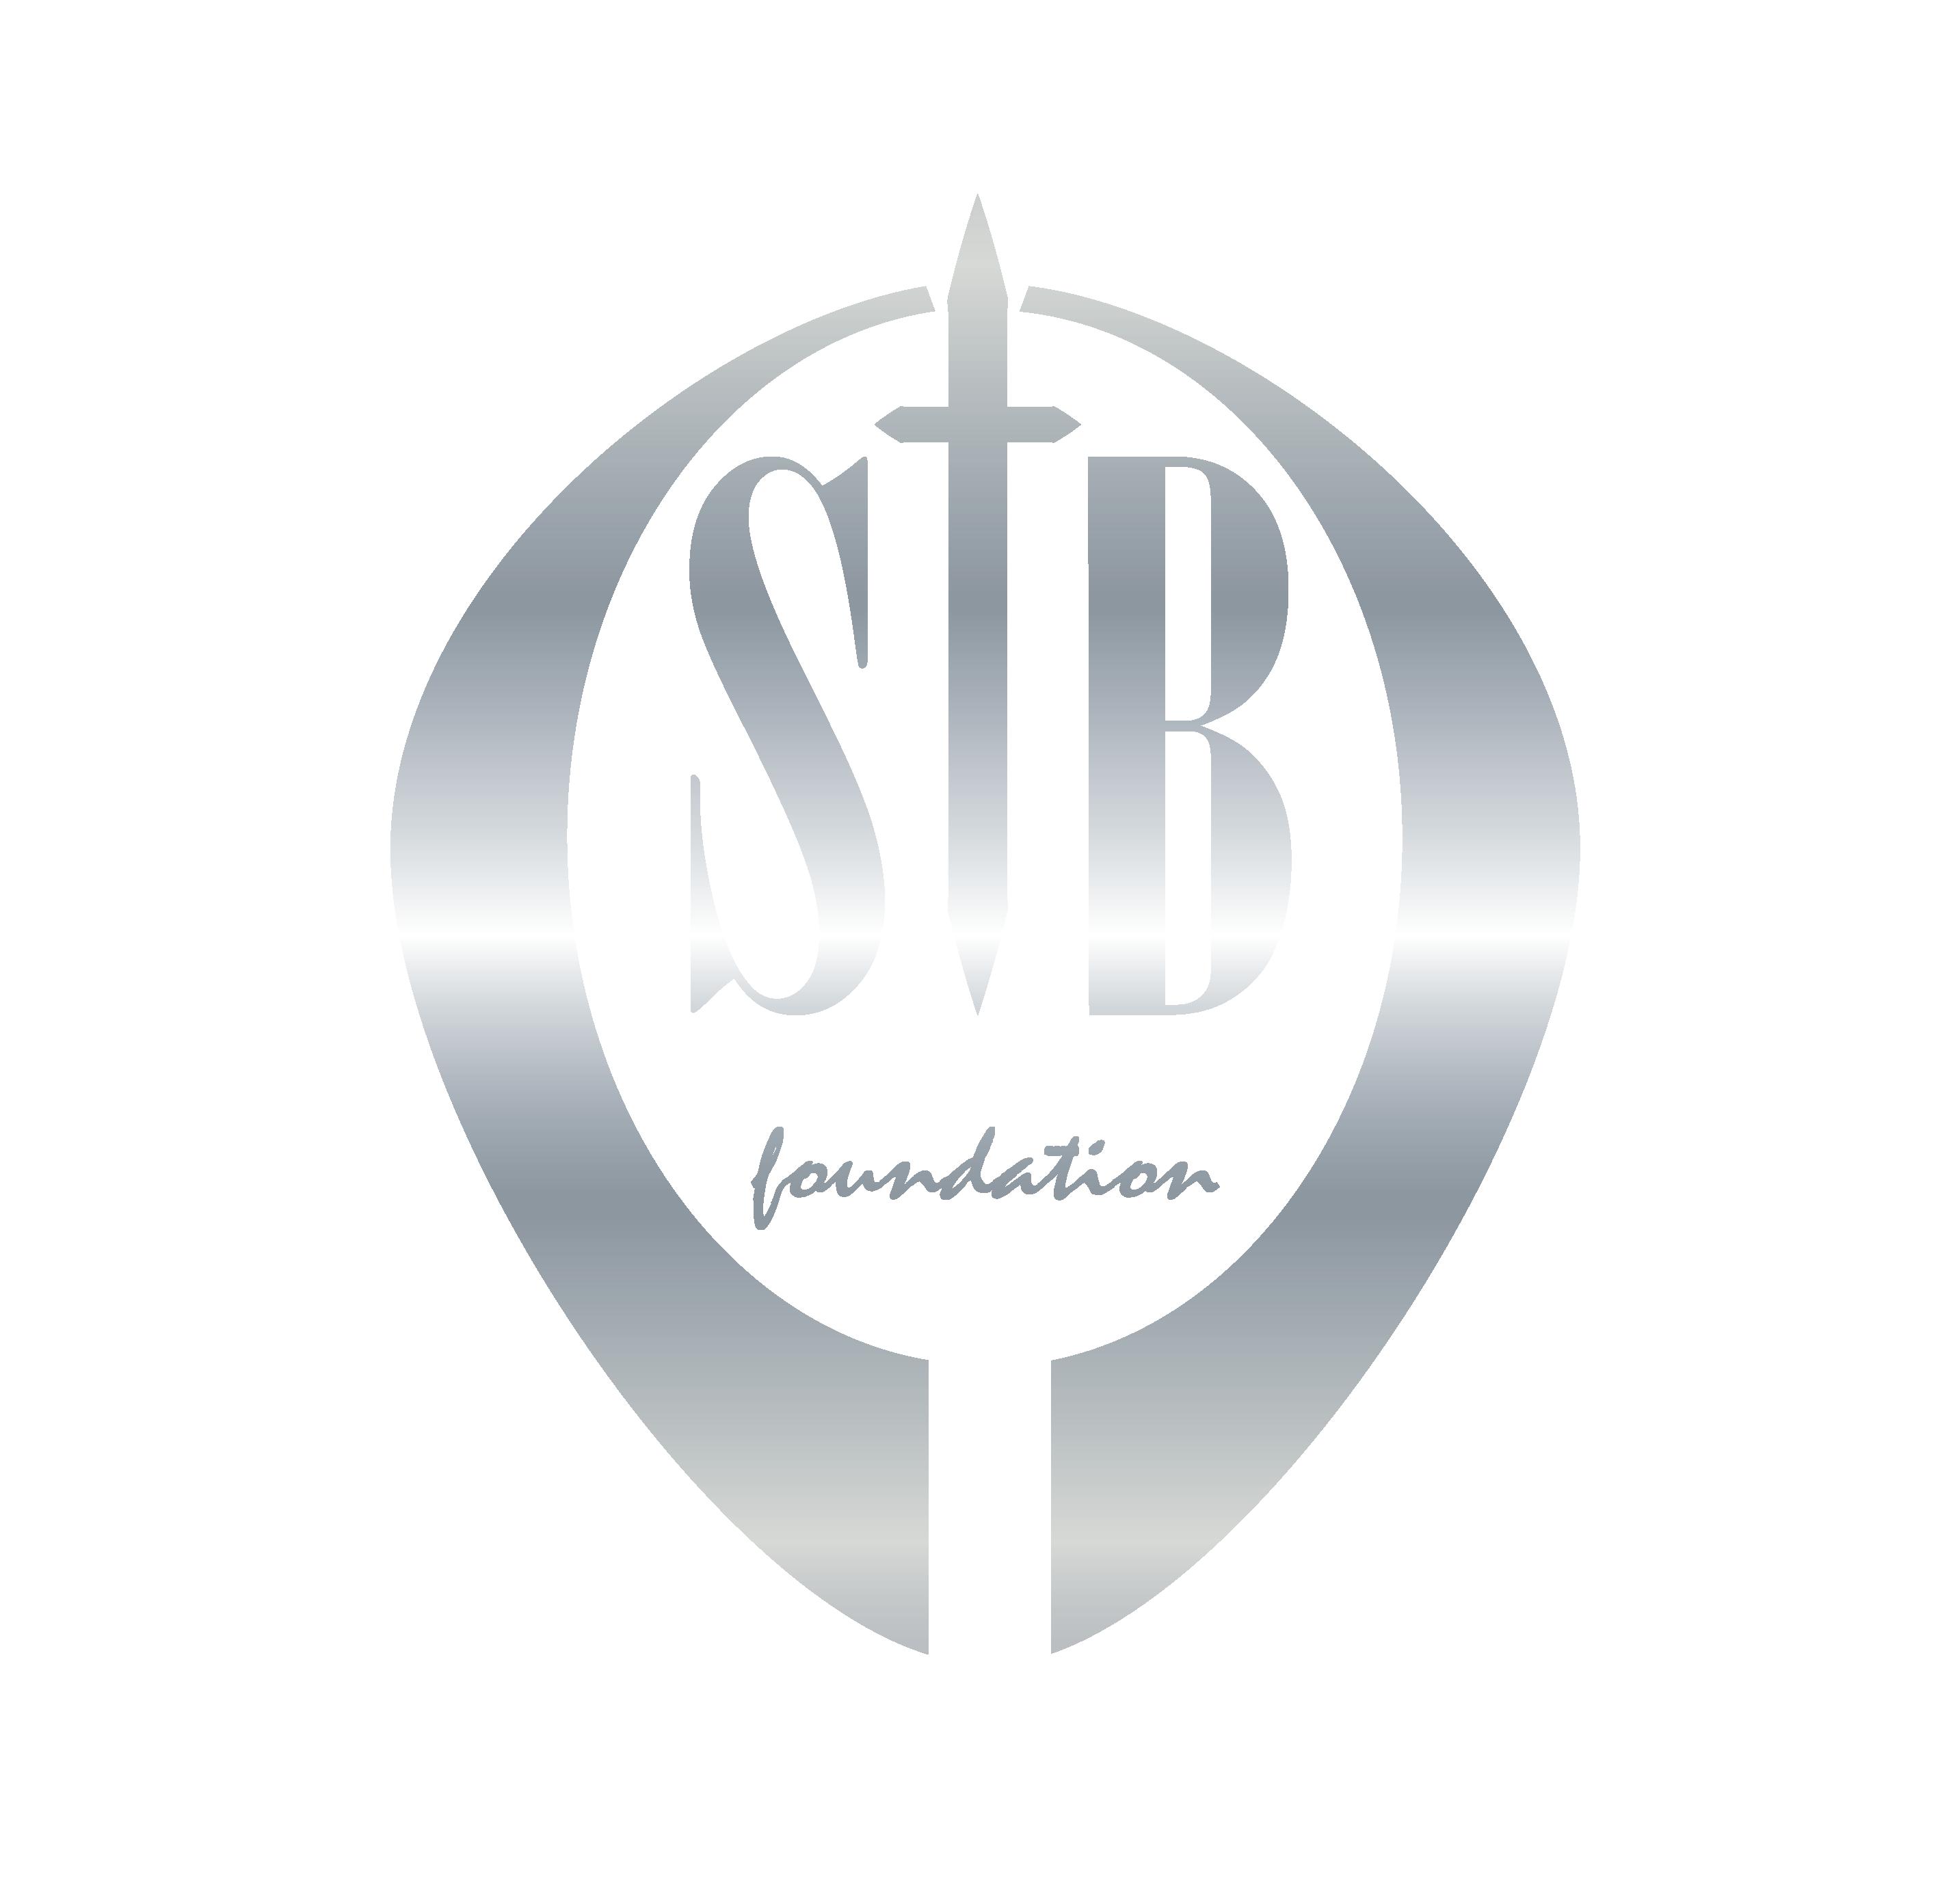 Still Blessed Foundation (2016)